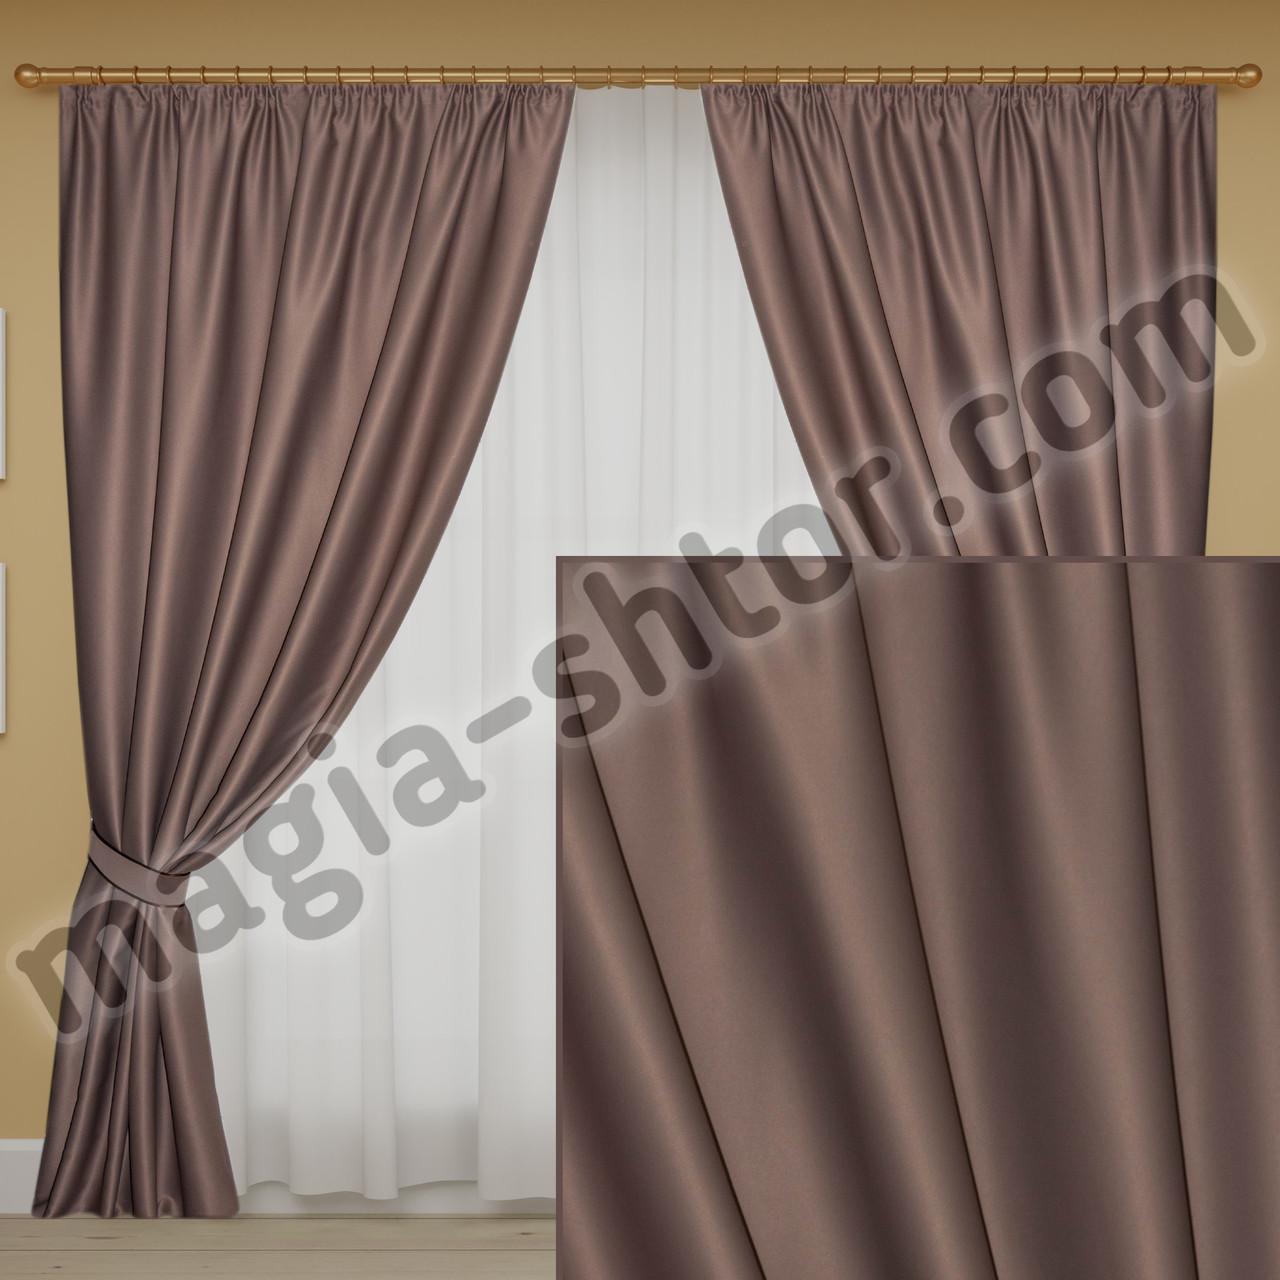 Комплект готовых штор. Шторы для спальни, зала, гостиной. Ткань блэкаут, цвет серо-коричневый